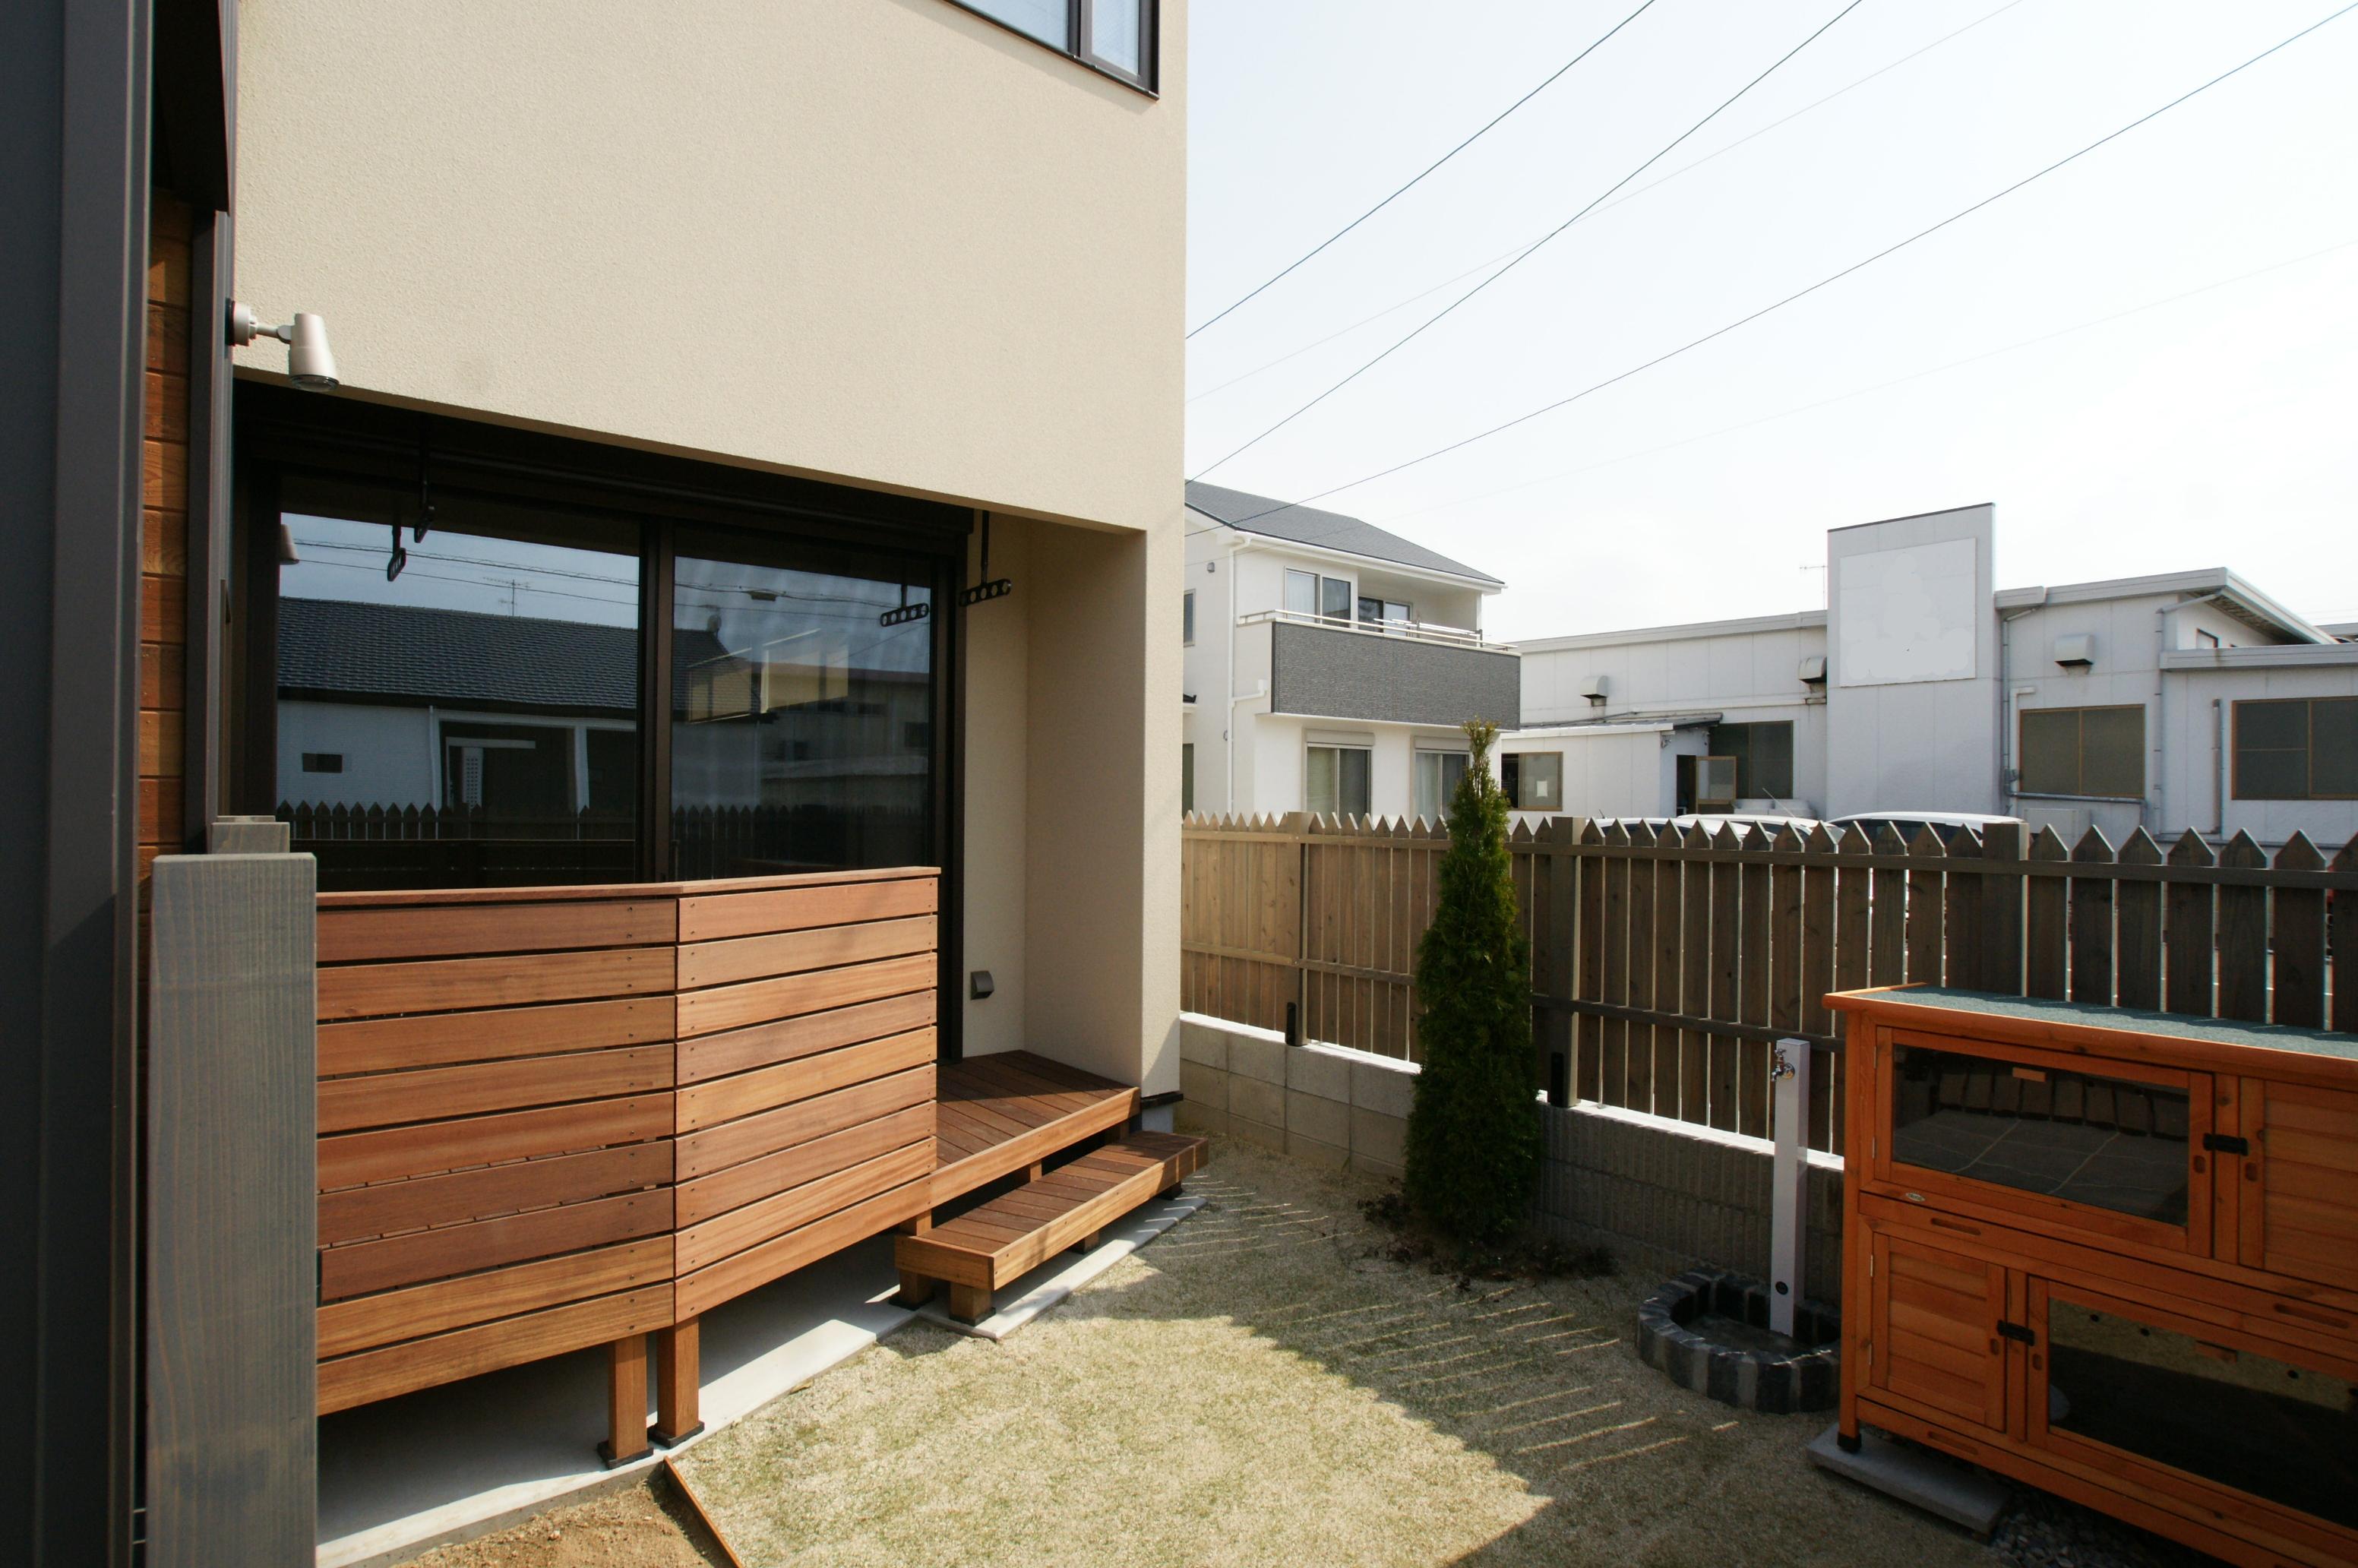 RIKYU (リキュー)【子育て、収納力、間取り】家族みんなが憧れていた、庭のある暮らしが実現。木製の格子塀で外からの視線を遮りながら、BBQや子どもプールを存分に楽しめる